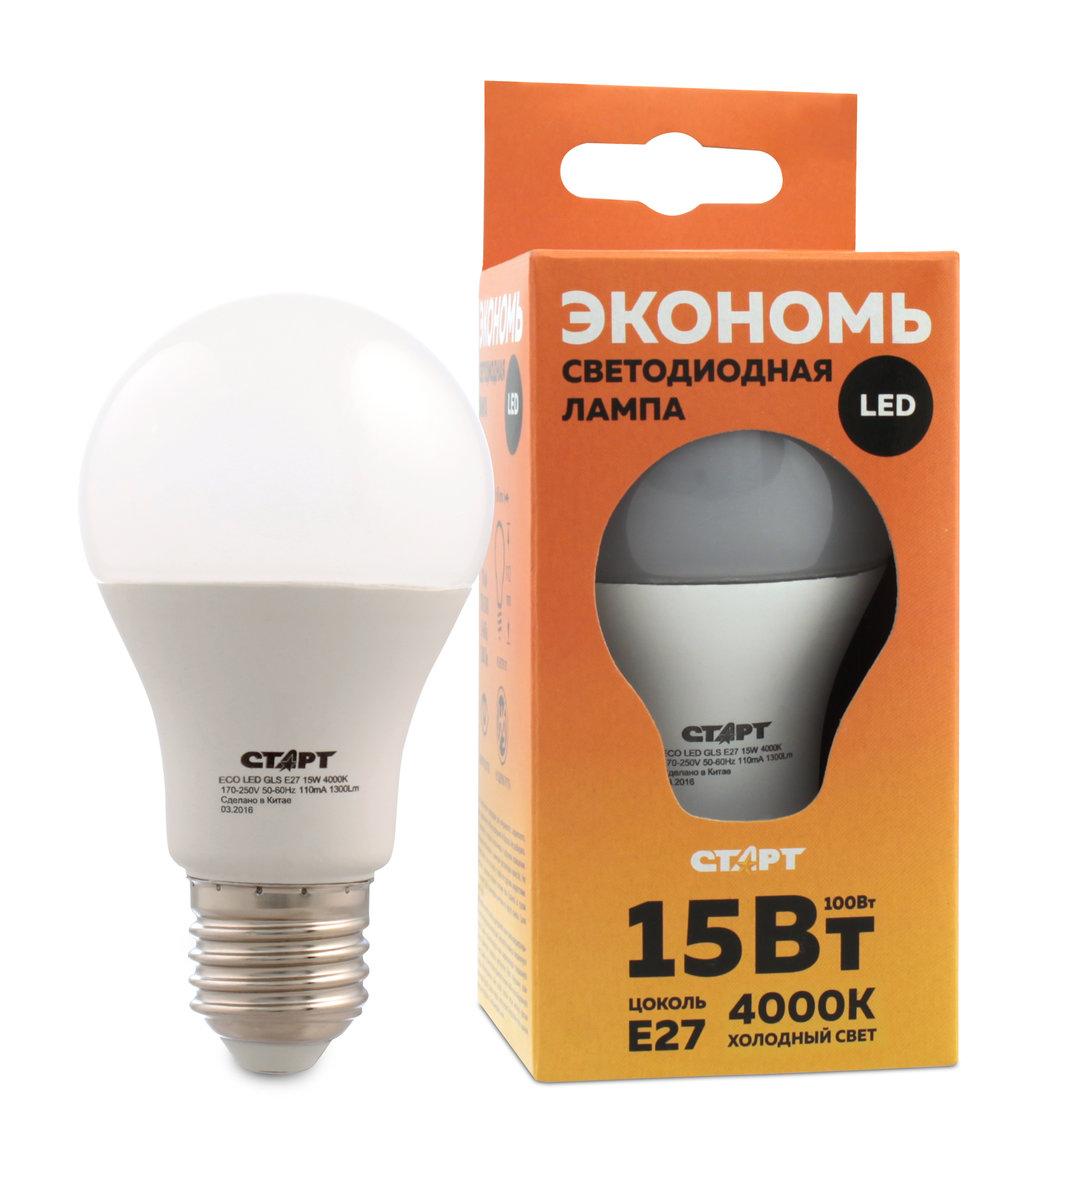 Лампа светодиодная СТАРТ Eco Лон, холодный свет, цоколь E27, 15W10665Лампа светодиодная СТАРТ Eco Лон, холодный свет, цоколь E27, 15W